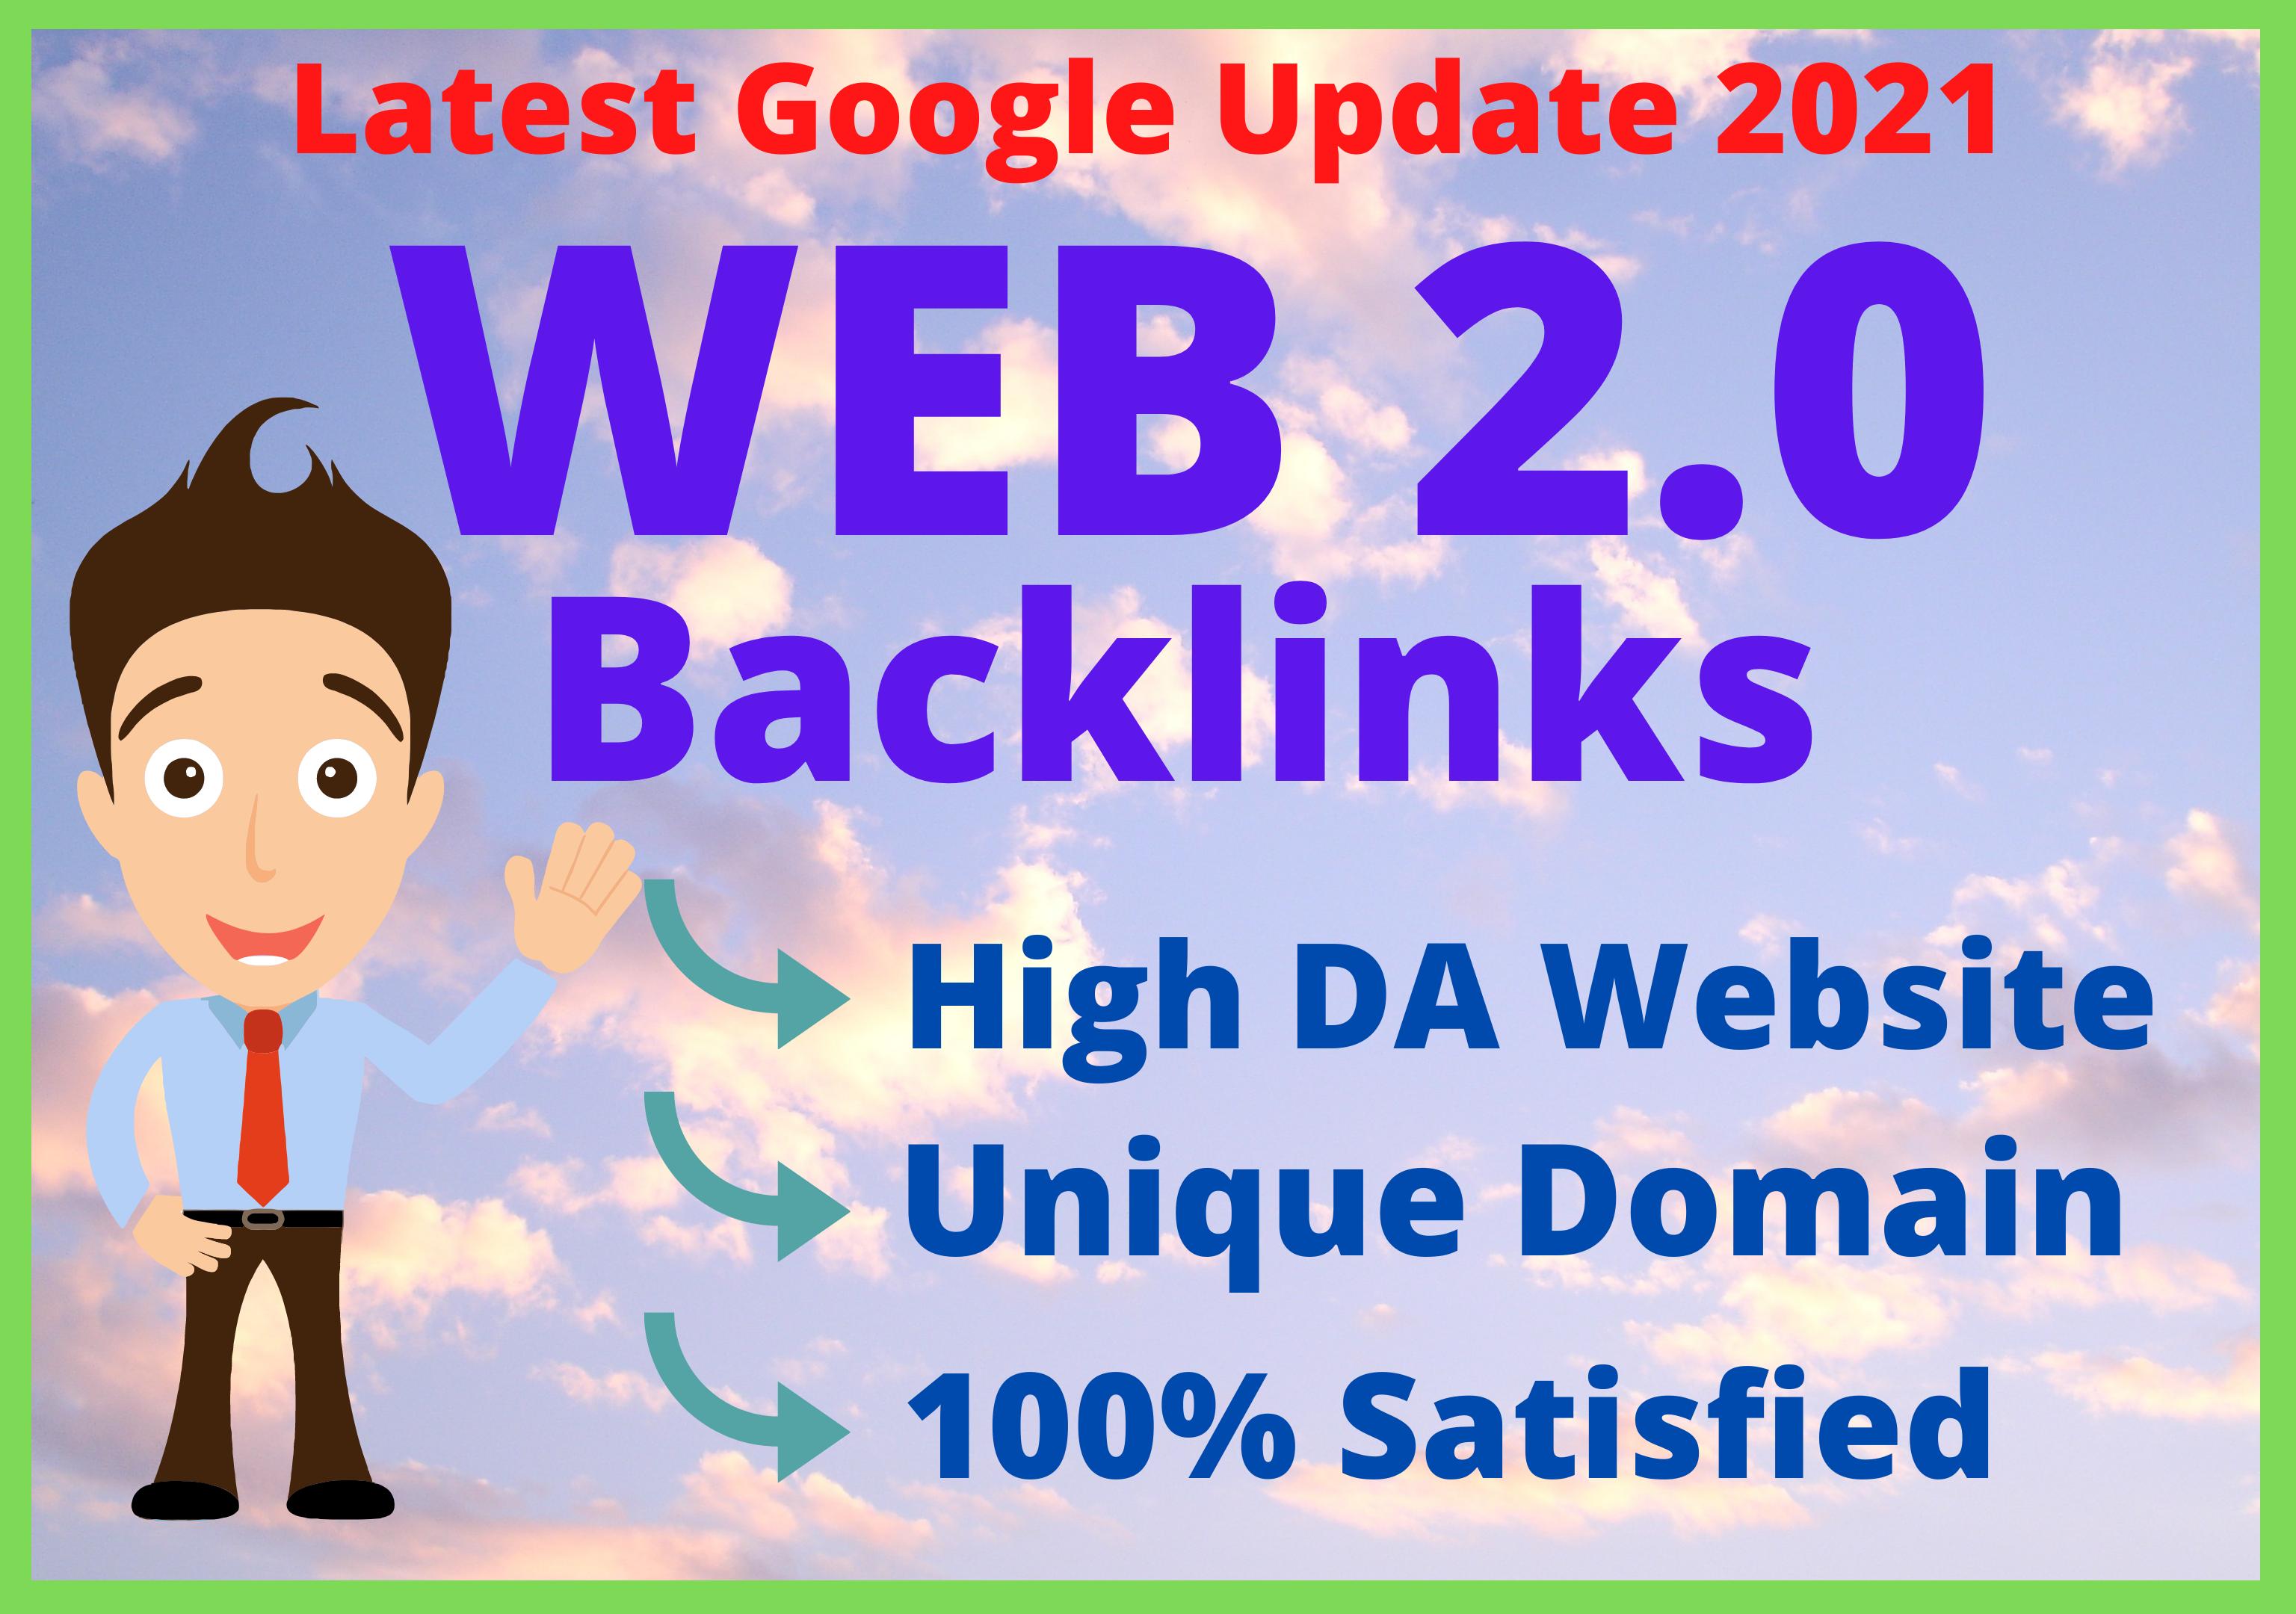 I will provide 20 Web 2.0 With High DA PA